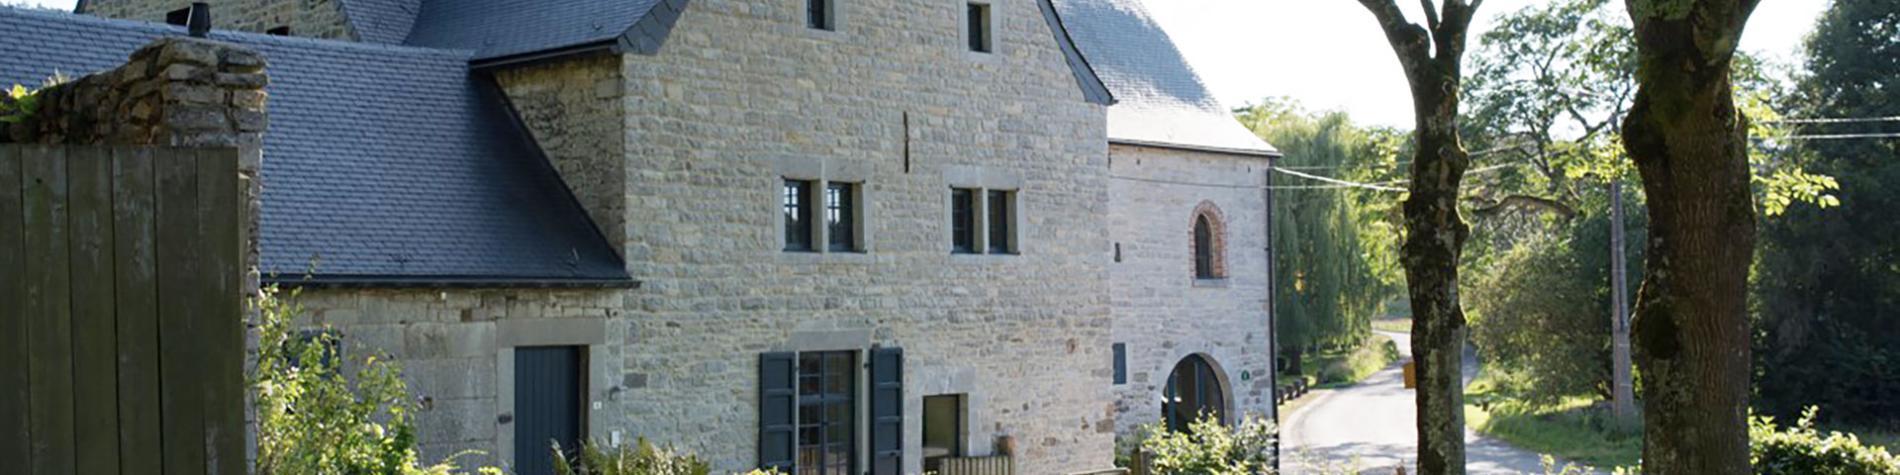 Gîte Rural - Le Moulin de l'Abbaye